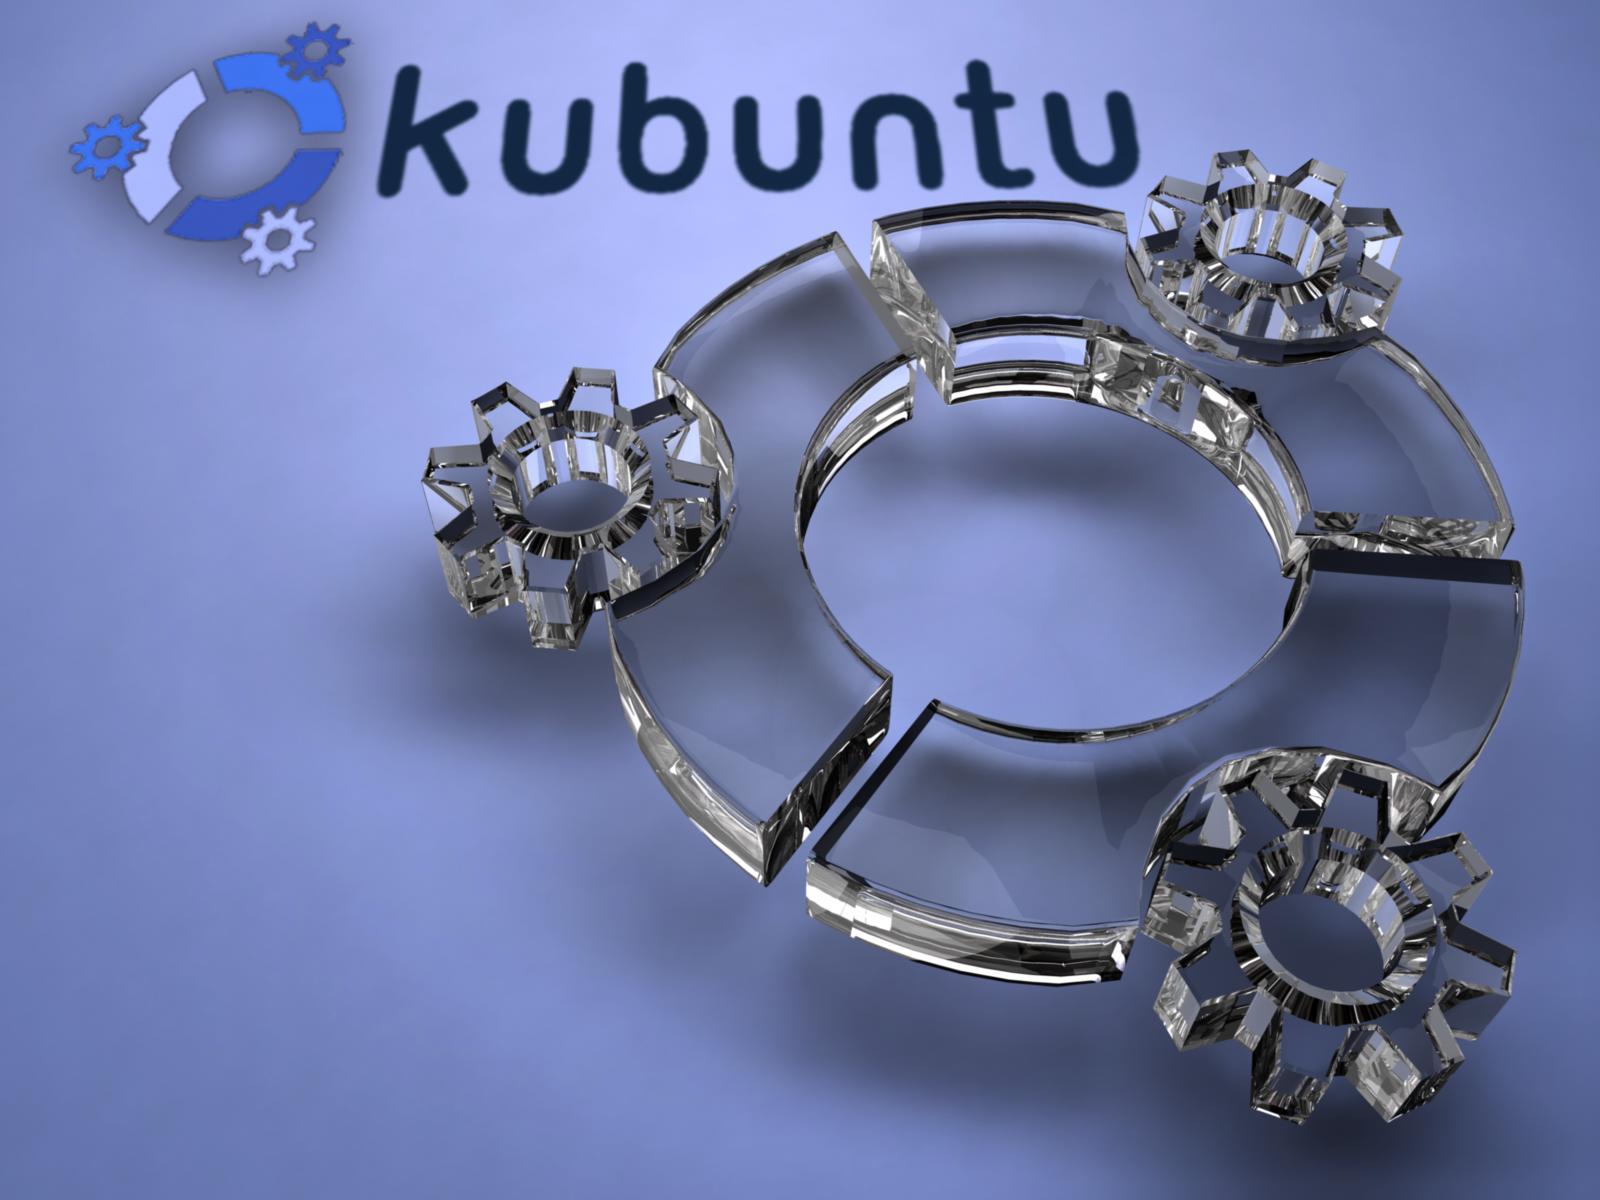 http://justabytee.files.wordpress.com/2011/09/kubuntu_logo.jpg